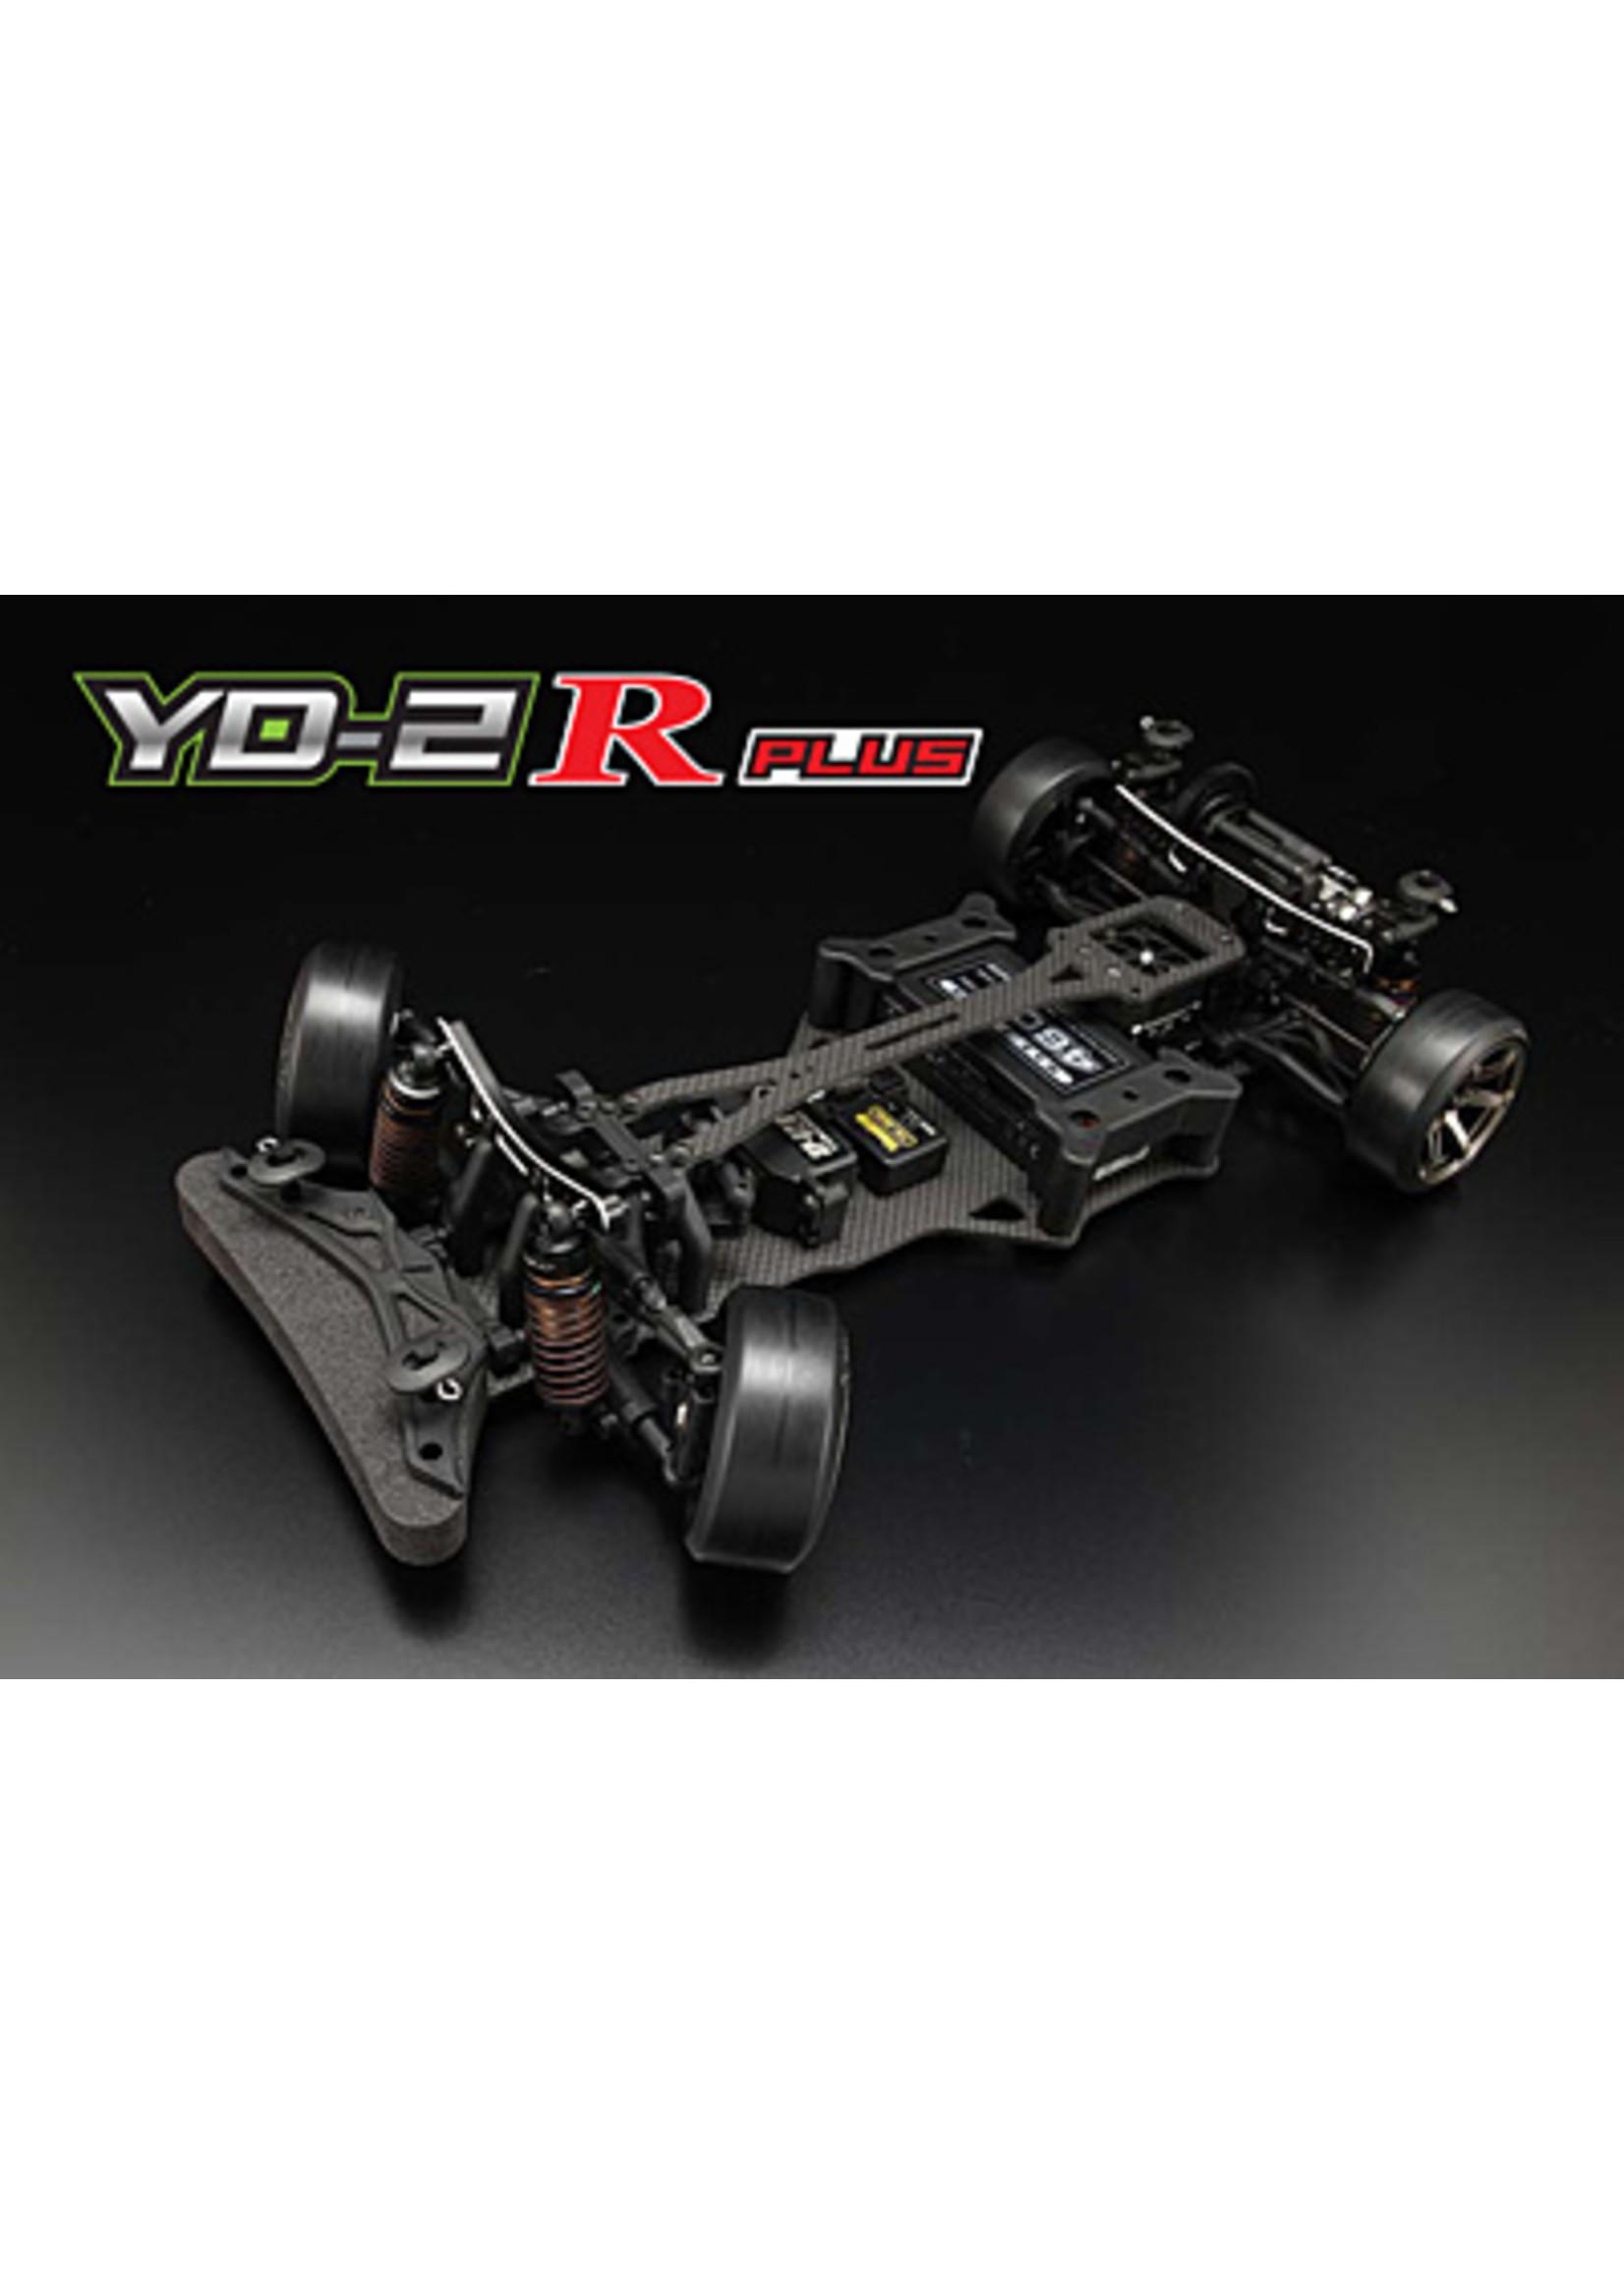 Yokomo Yokomo YD-2R Plus RWD Drift Car Kit (Graphite) DP-YD2RPLS